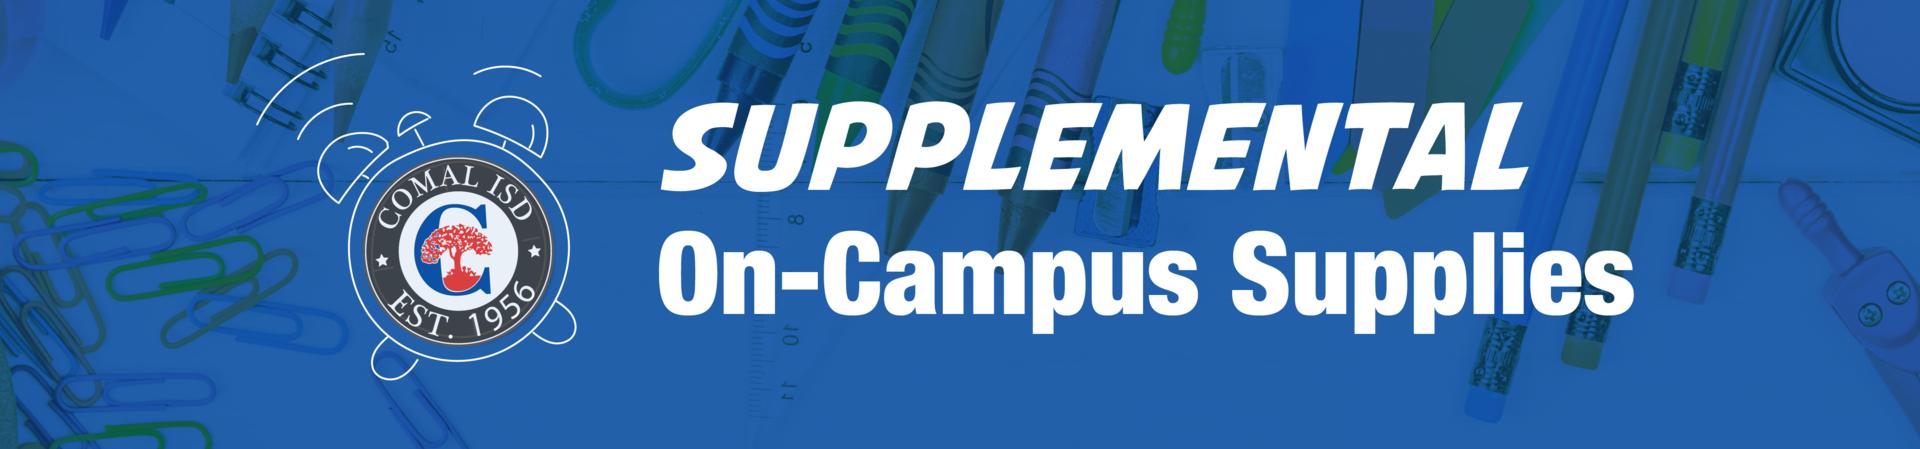 Supplemental On-Campus School Supplies